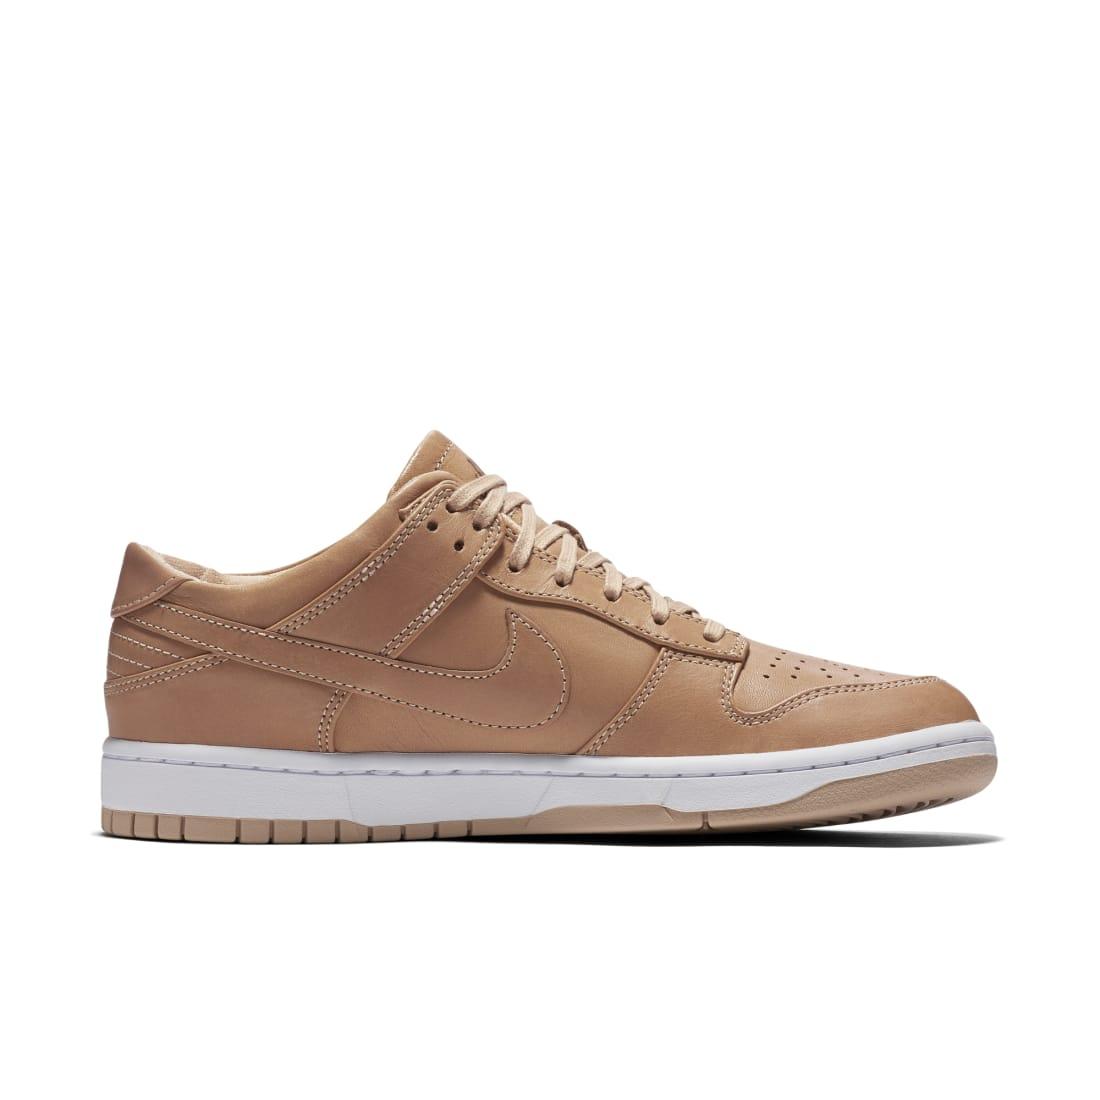 Nike Dunk Low Lux Vachetta Tan